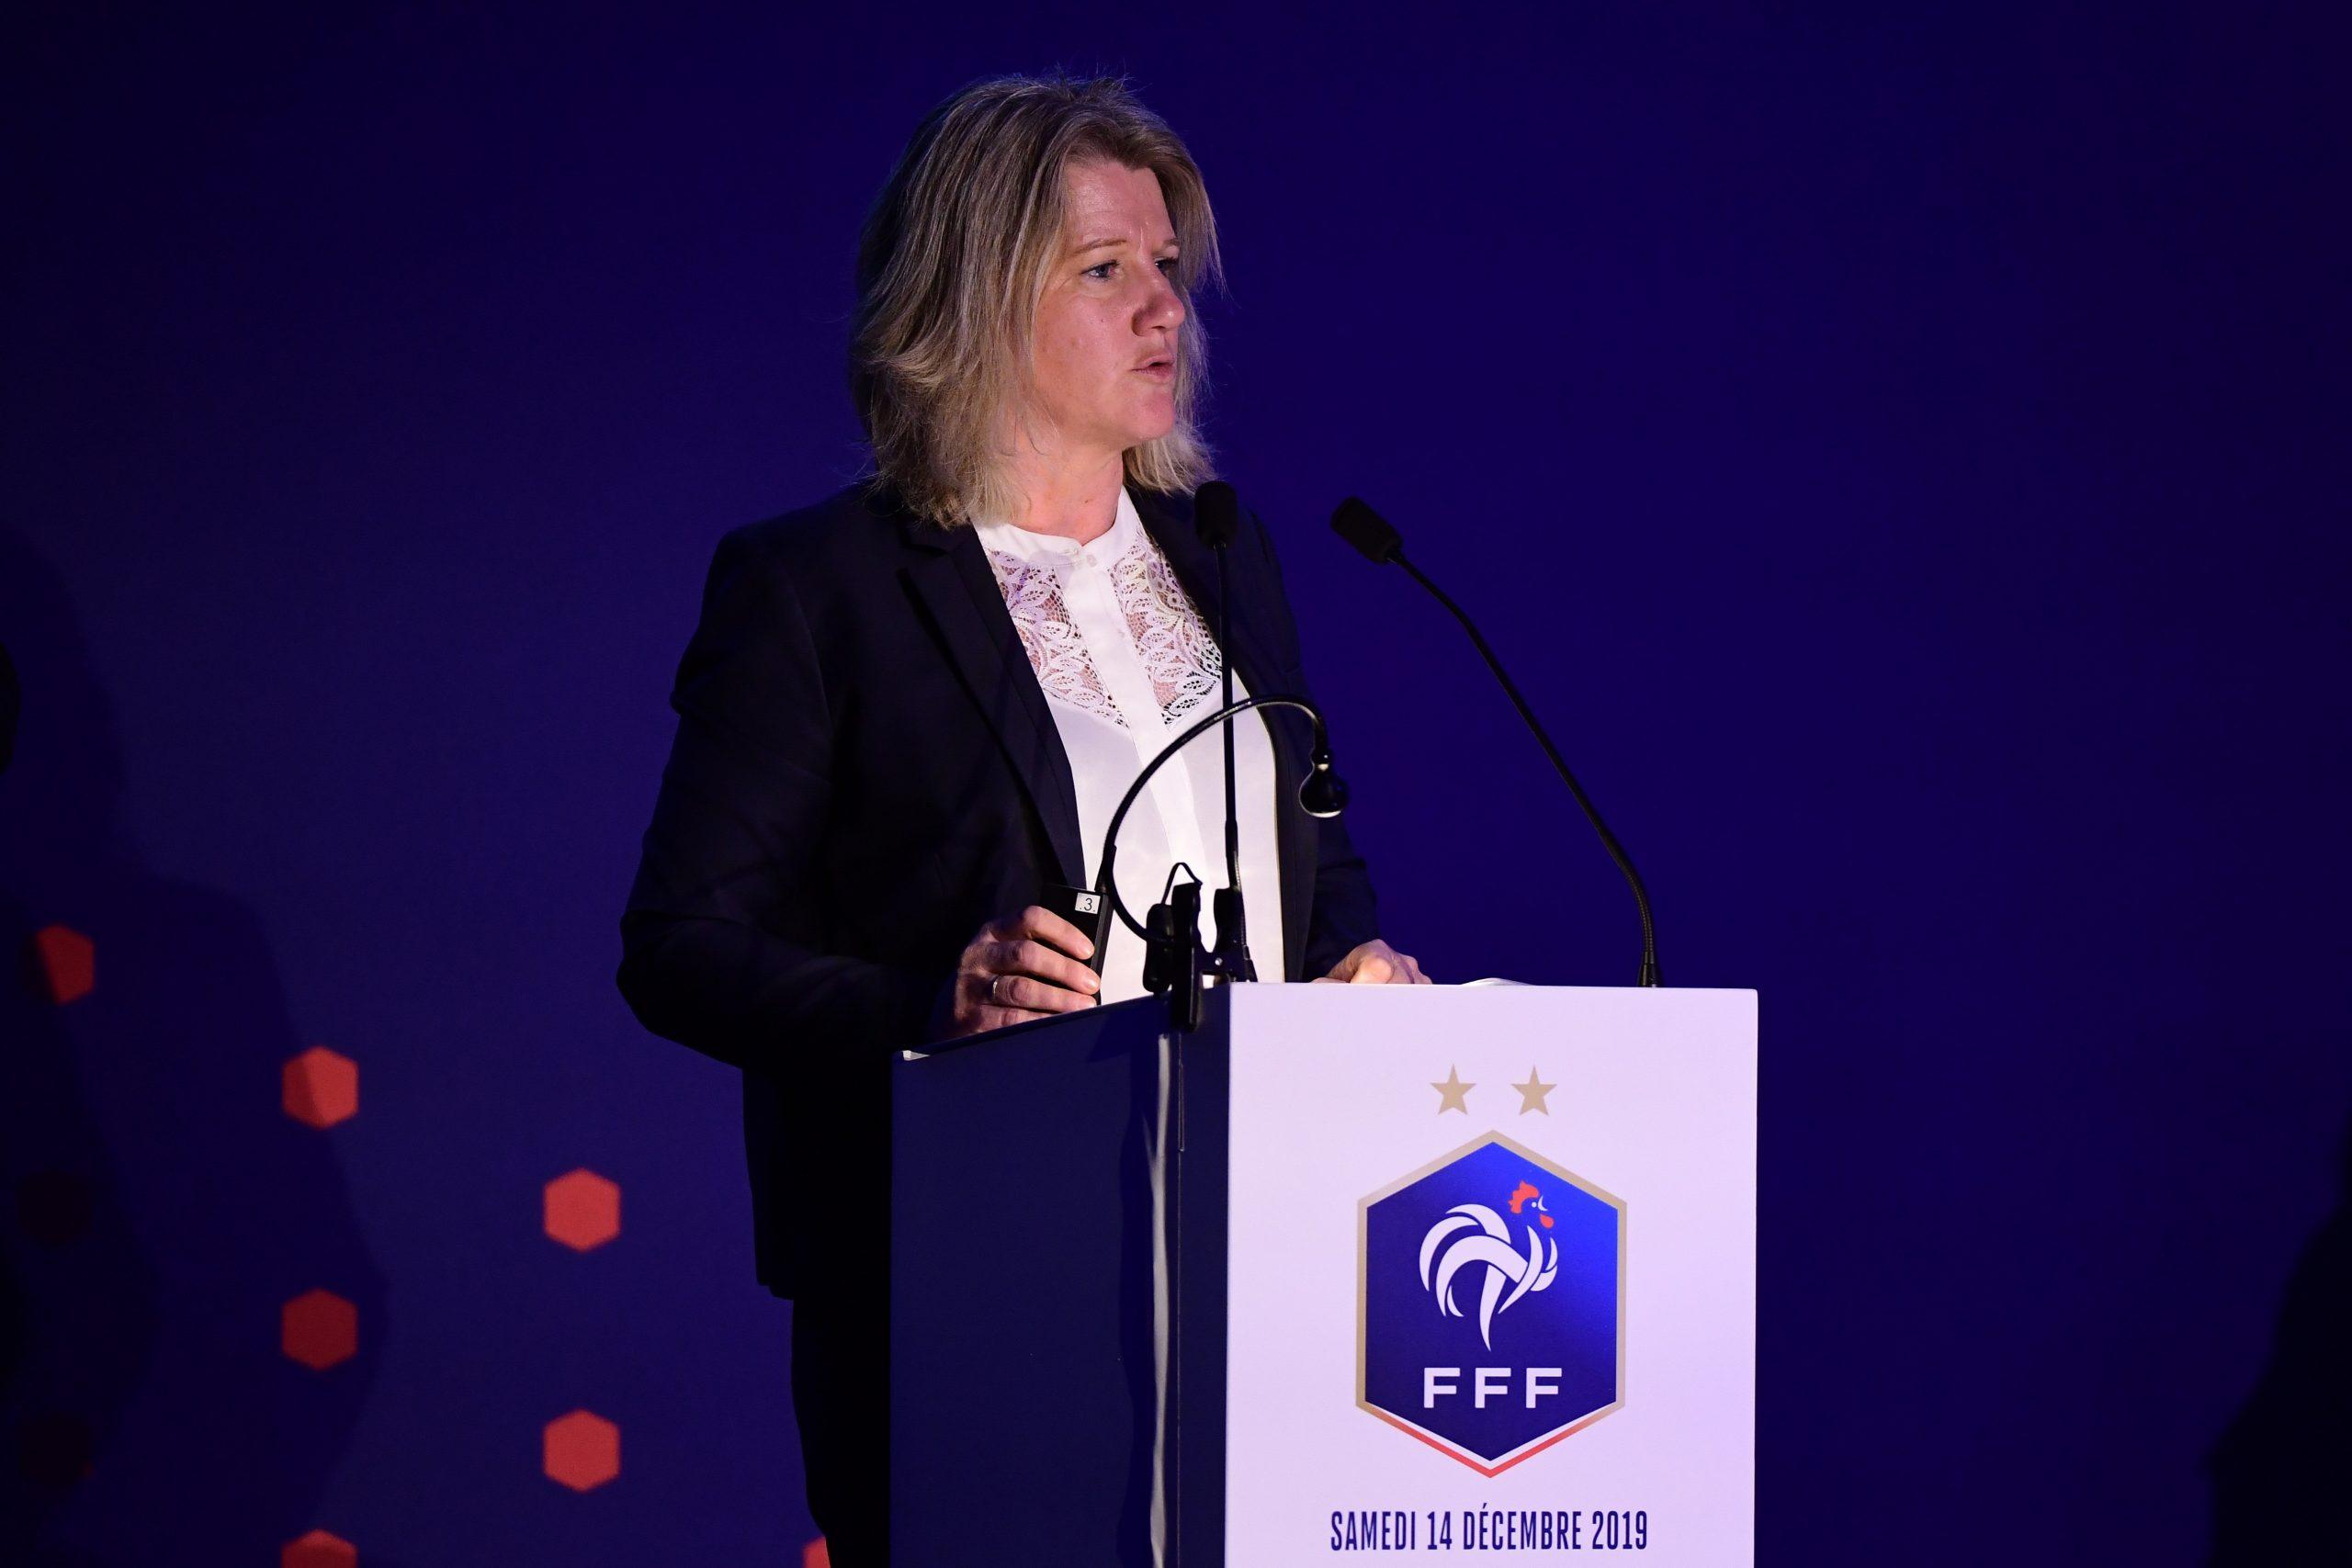 La FFF évoque l'évolution du football féminin et l'impact de l'épidémie du coronavirus